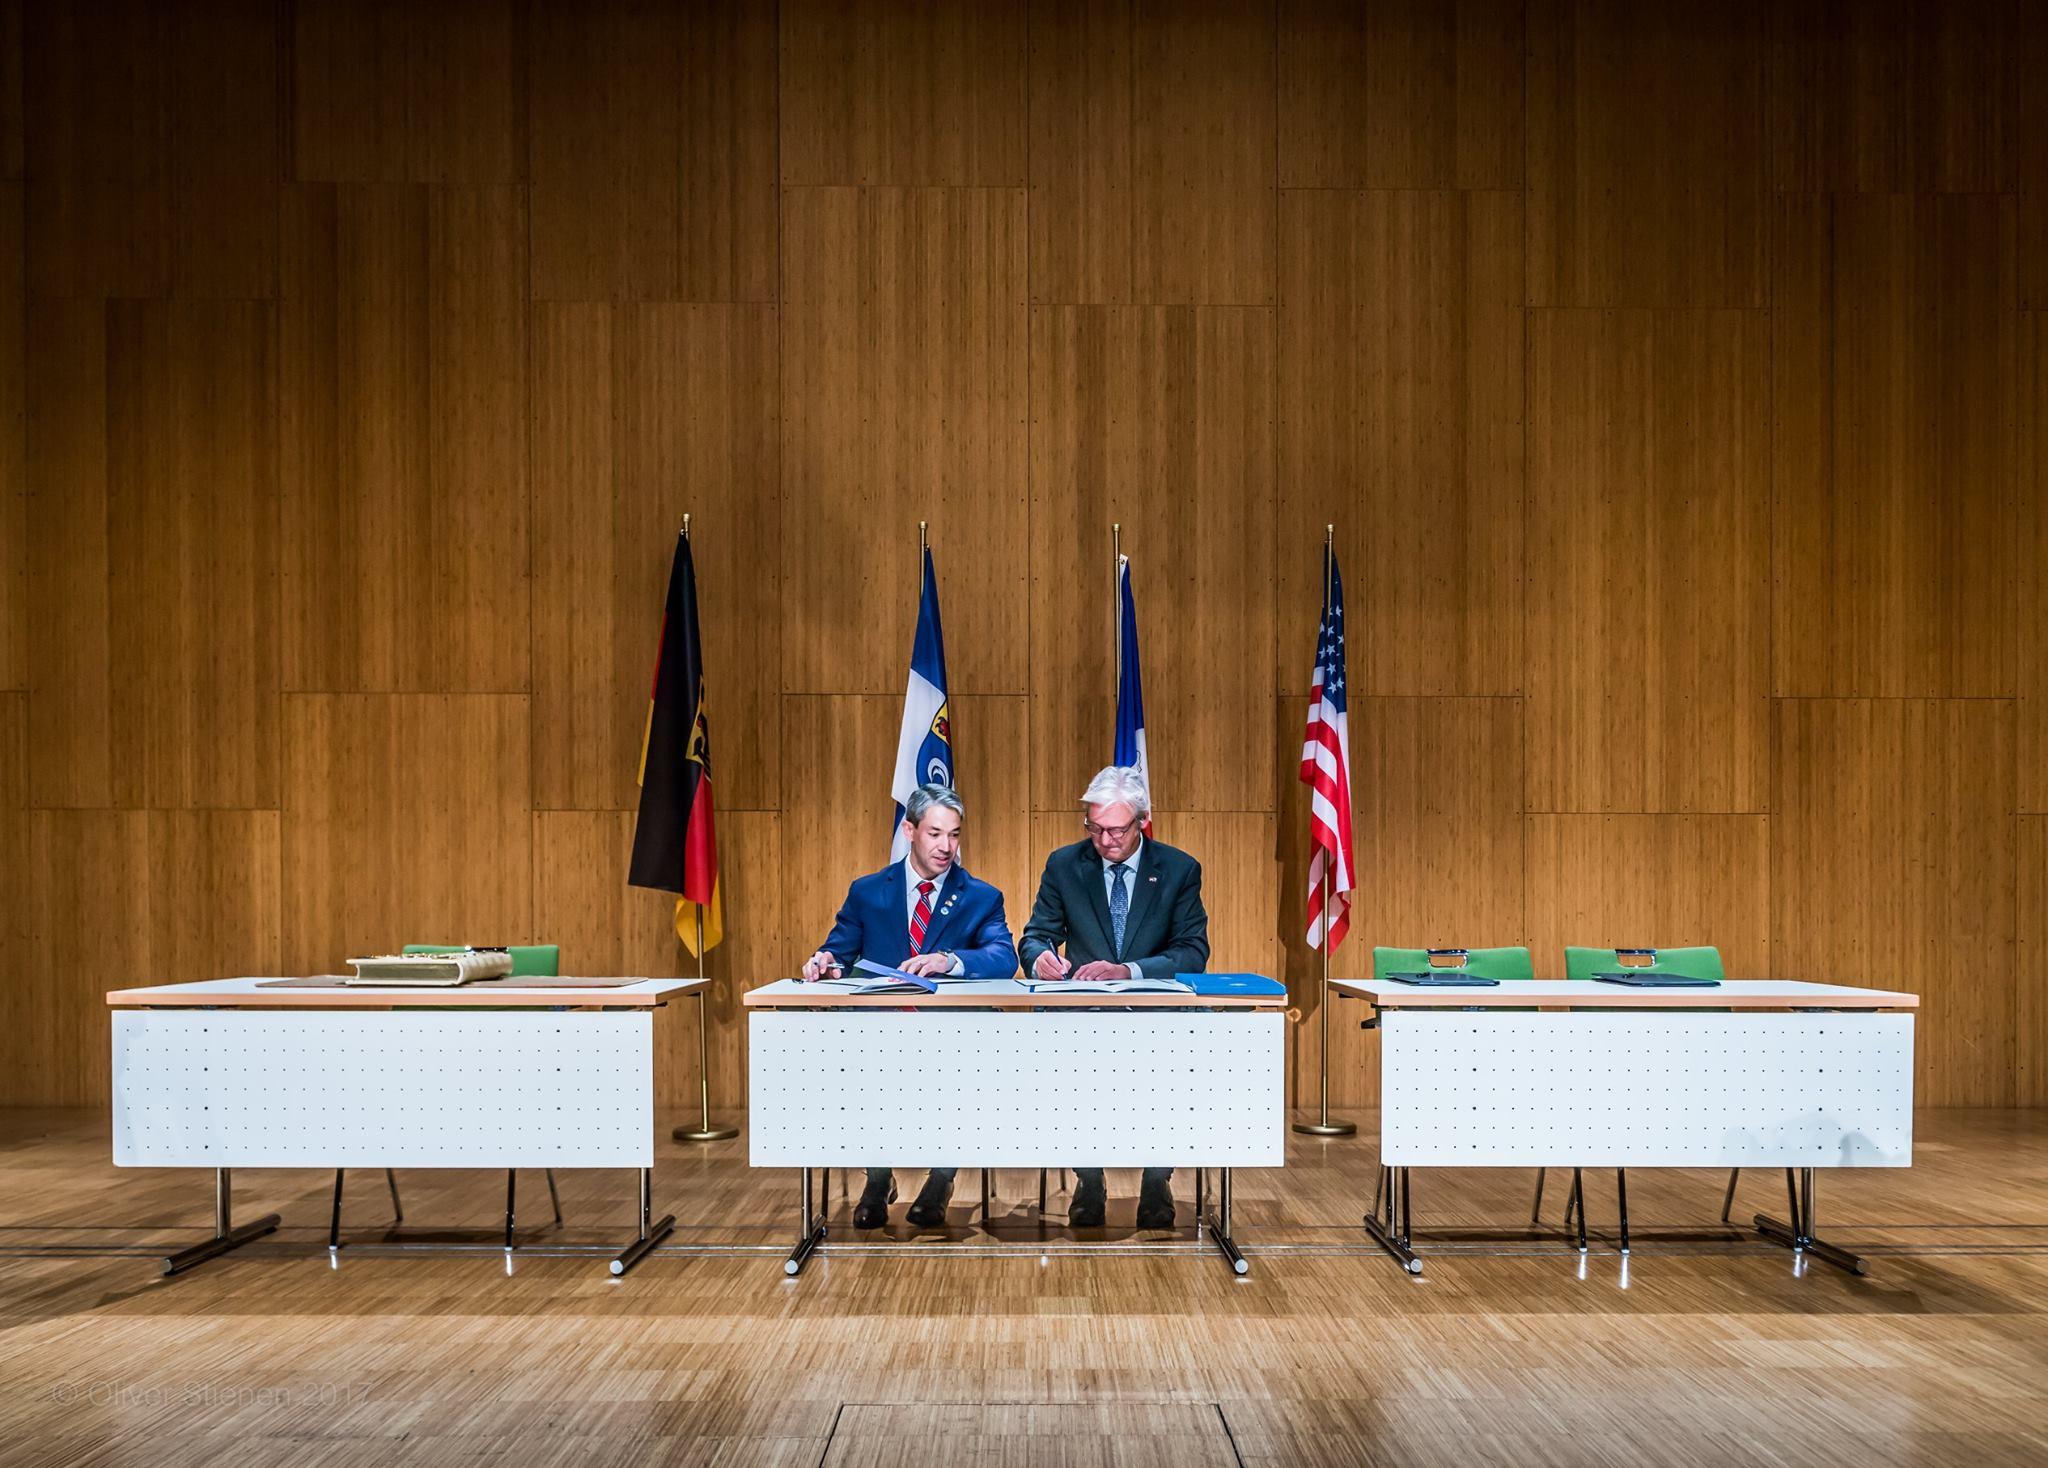 Oliver Stienen: Unterzeichnung Städtepartnerschaft Darmstadt San Antonio im Darmstadium